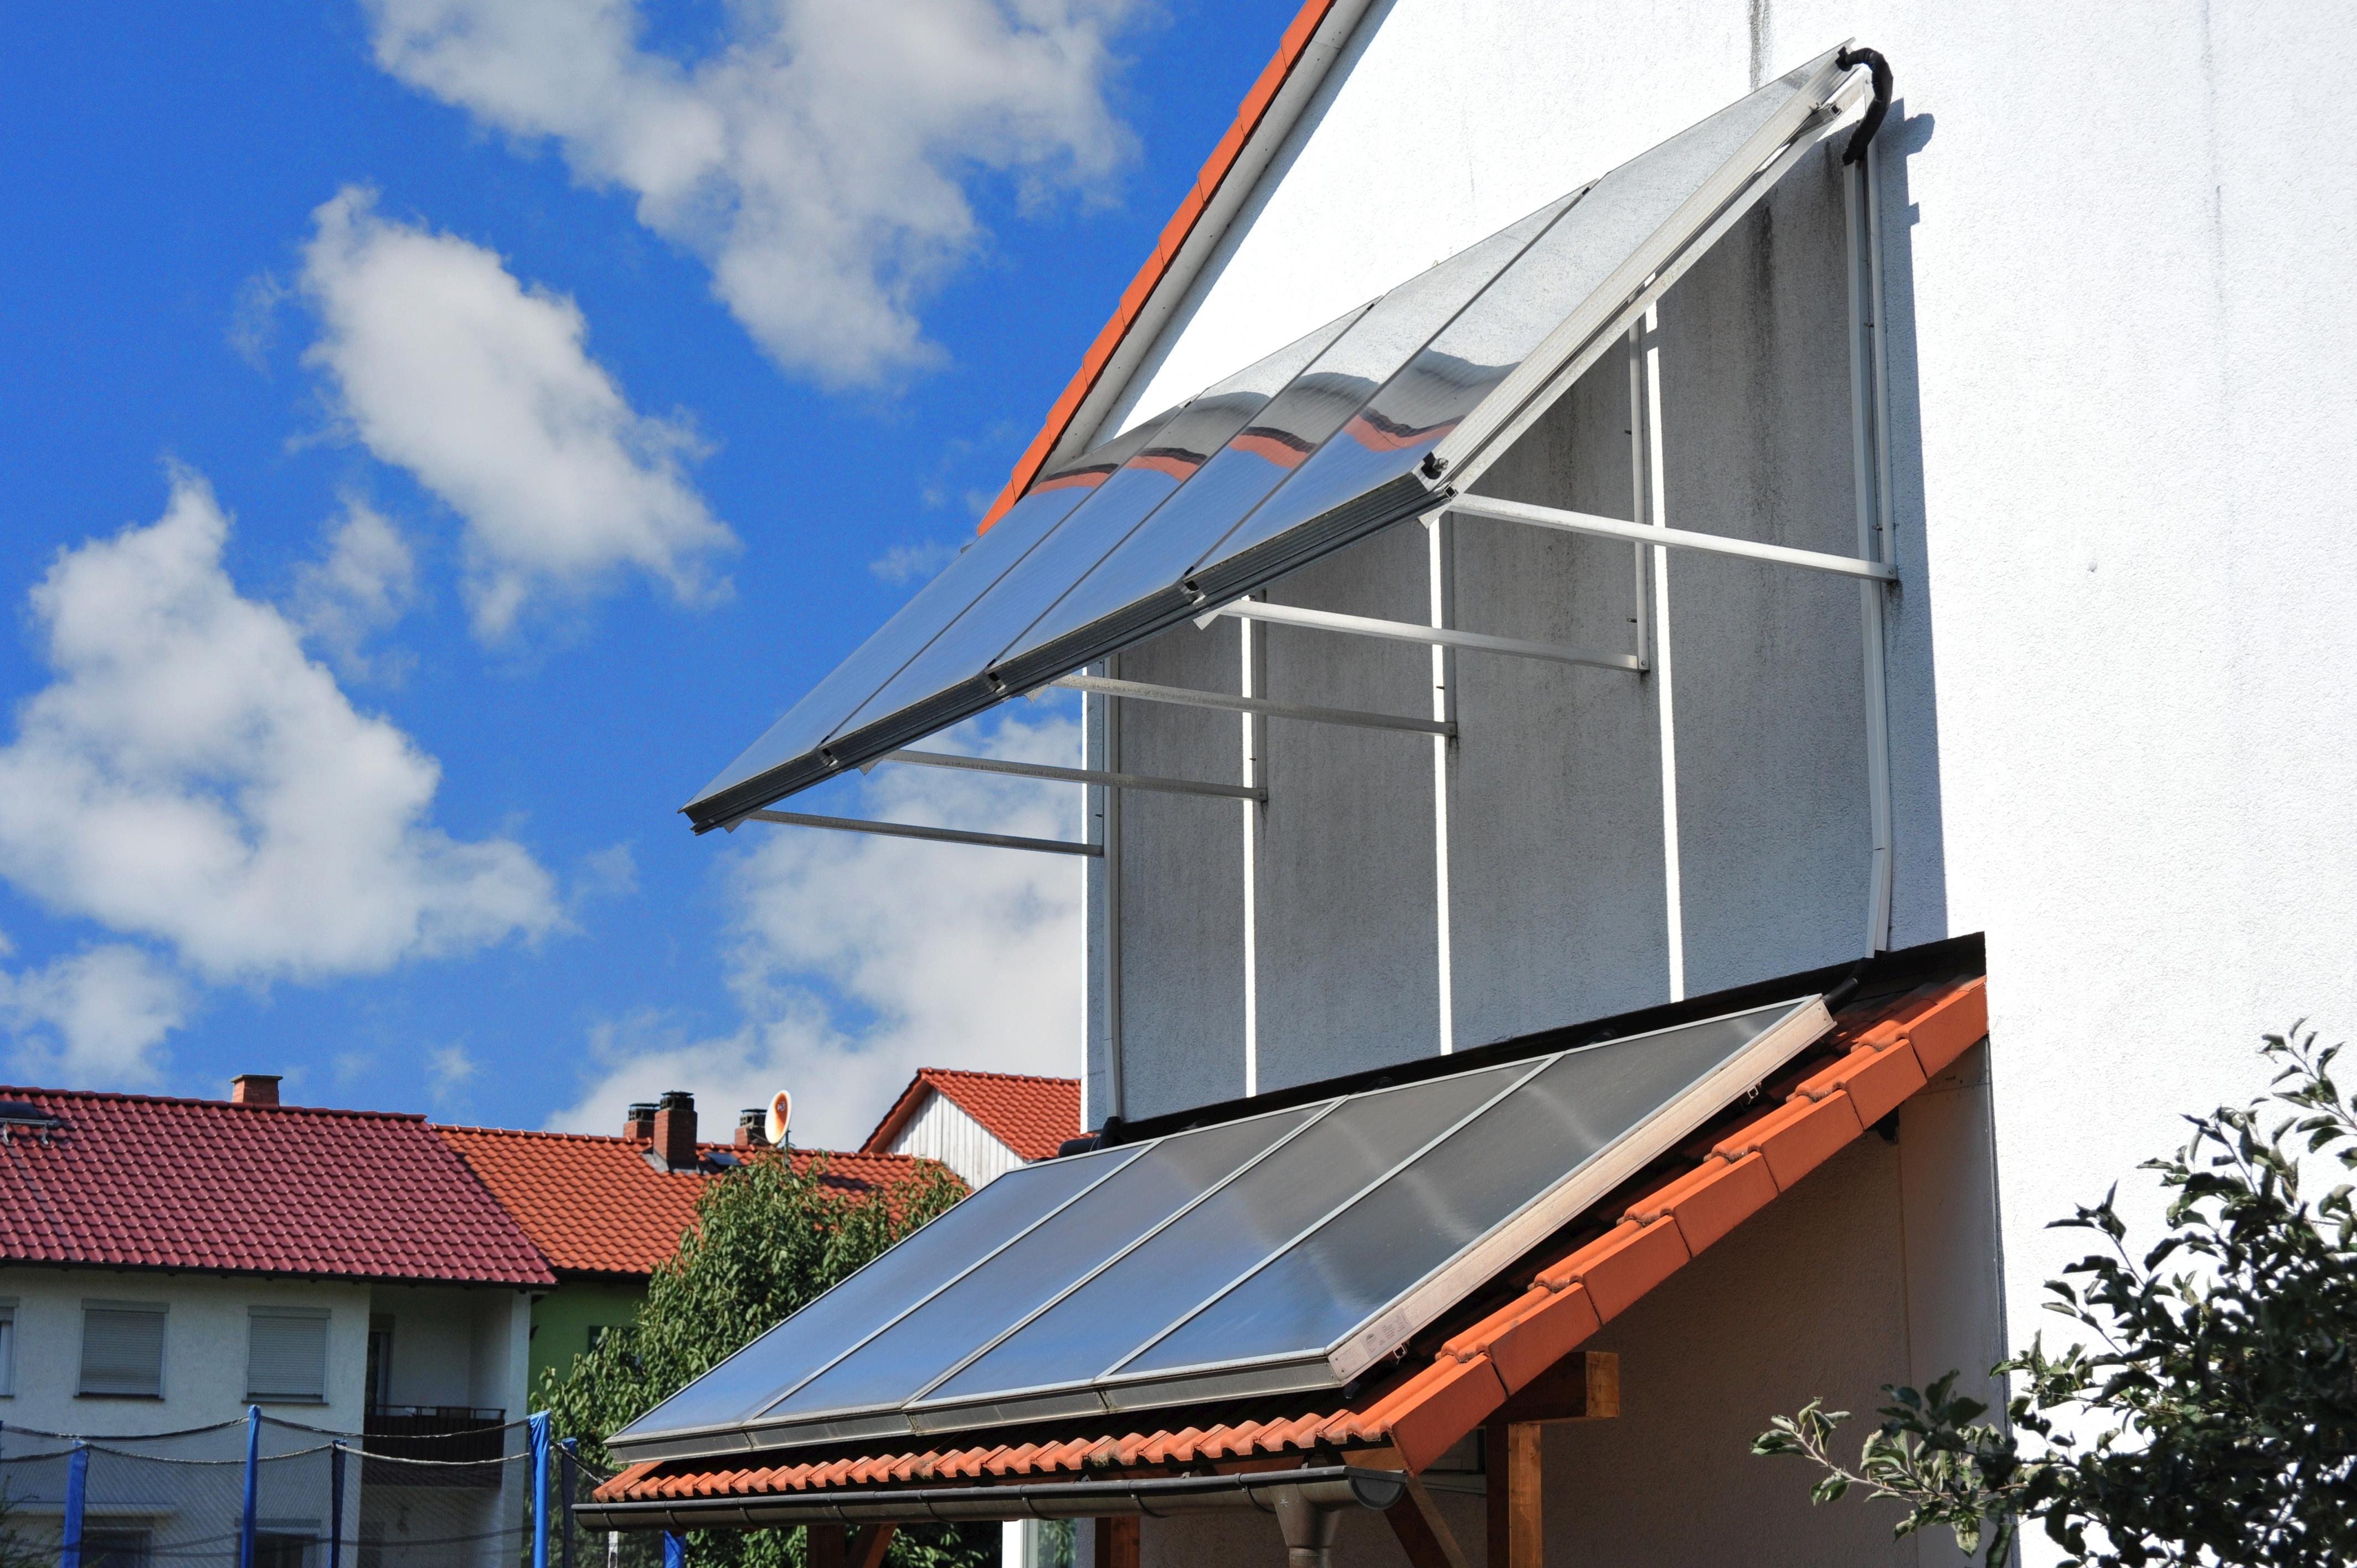 Sistema presurizado con colectores planos para agua caliente sanitaria y calefacción en un edificio multifamiliar en Alemania.